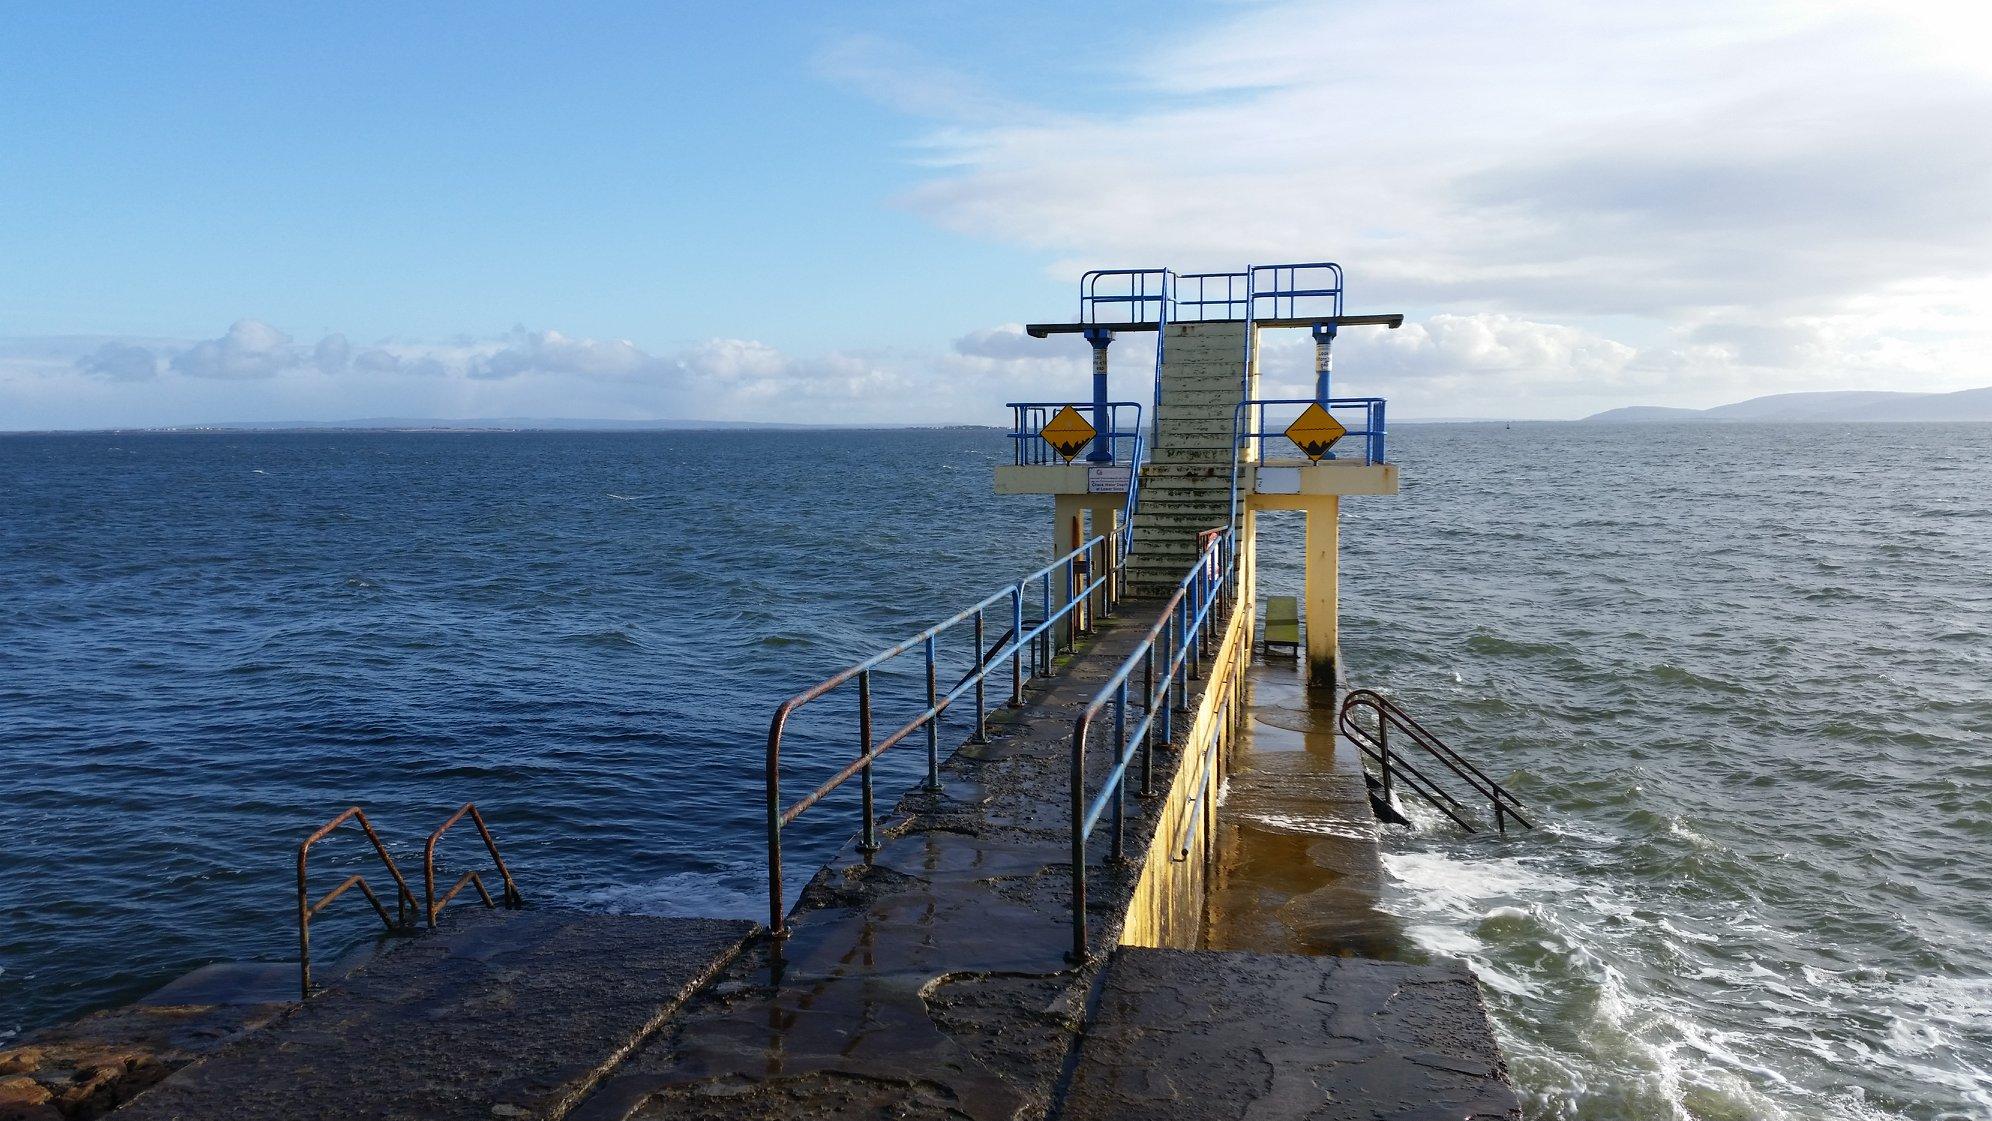 Blackrock Diving Tower - Visit Galway